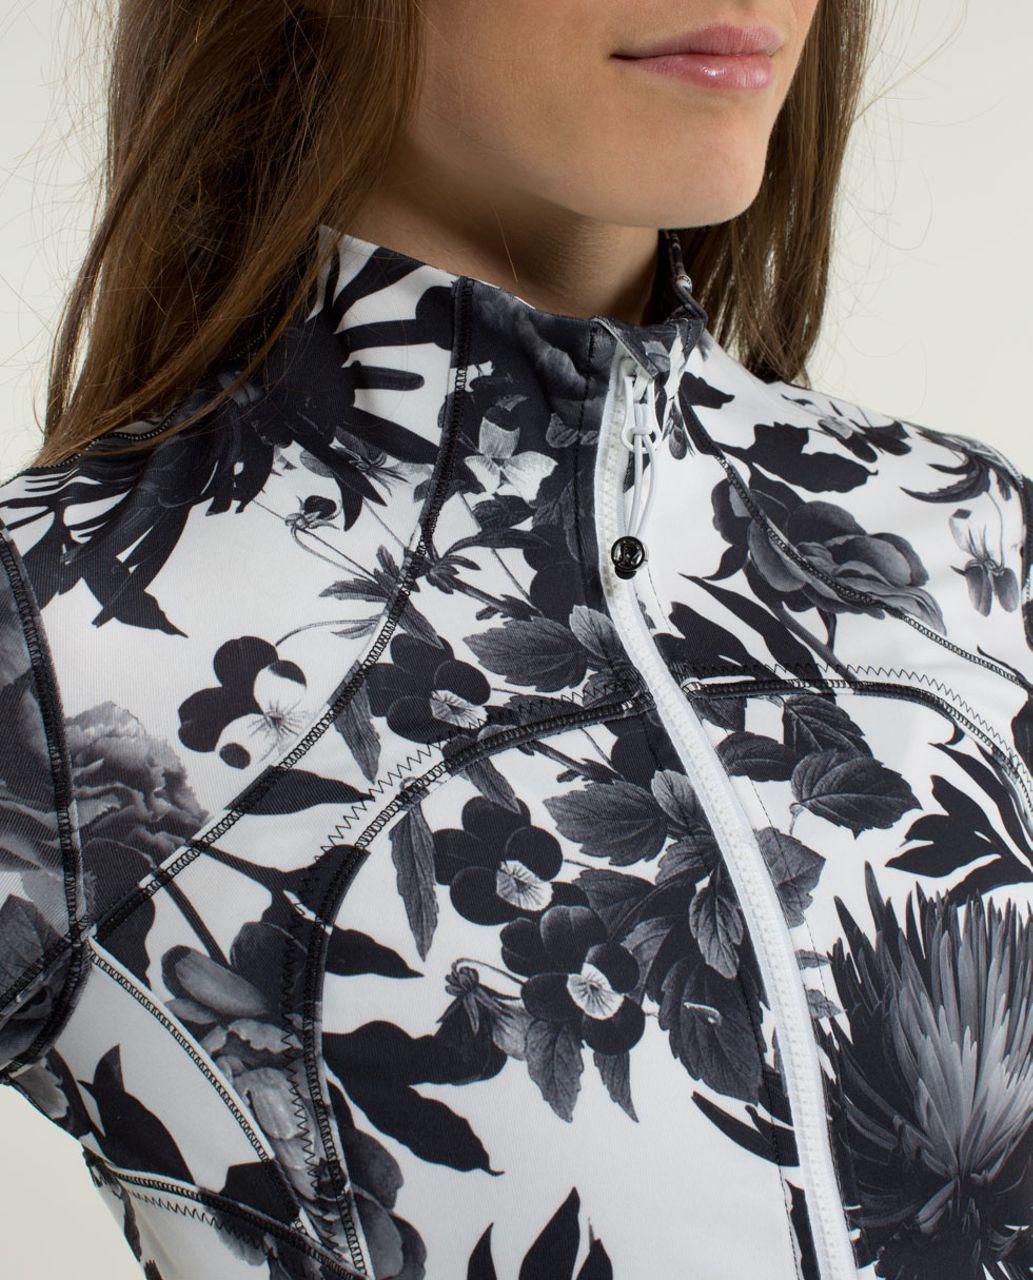 Lululemon Forme Jacket II *Textured - Brisk Bloom Black White